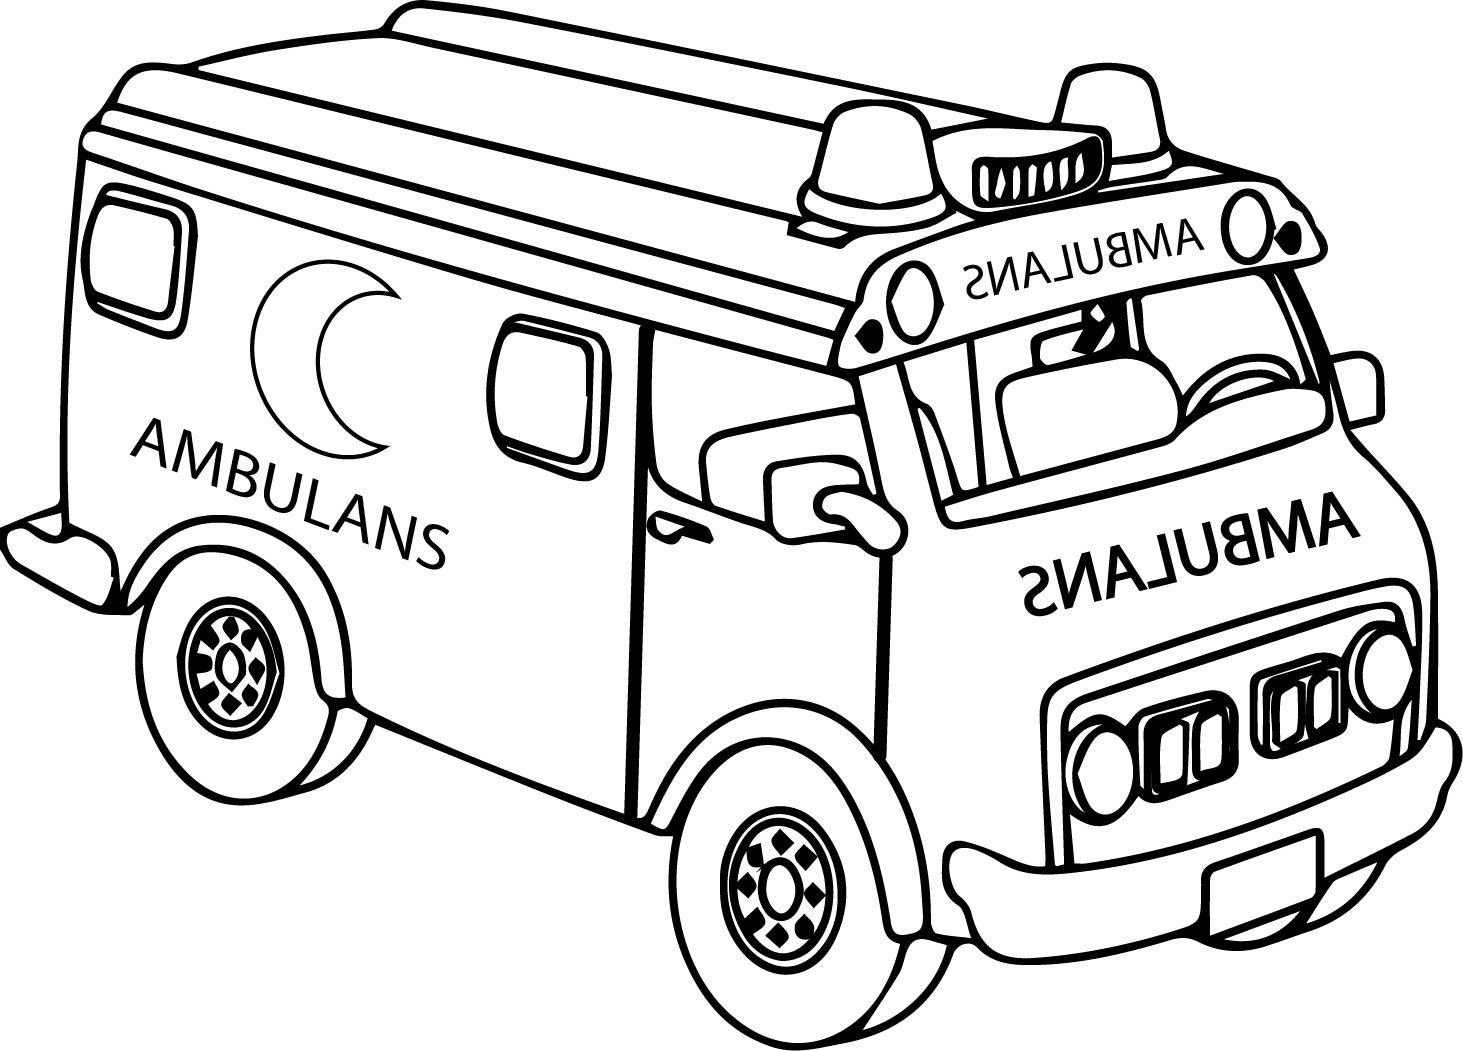 Okul Oncesi Ambulans Boyama Sayfasi Boyama Sayfasi Ciktisi Al